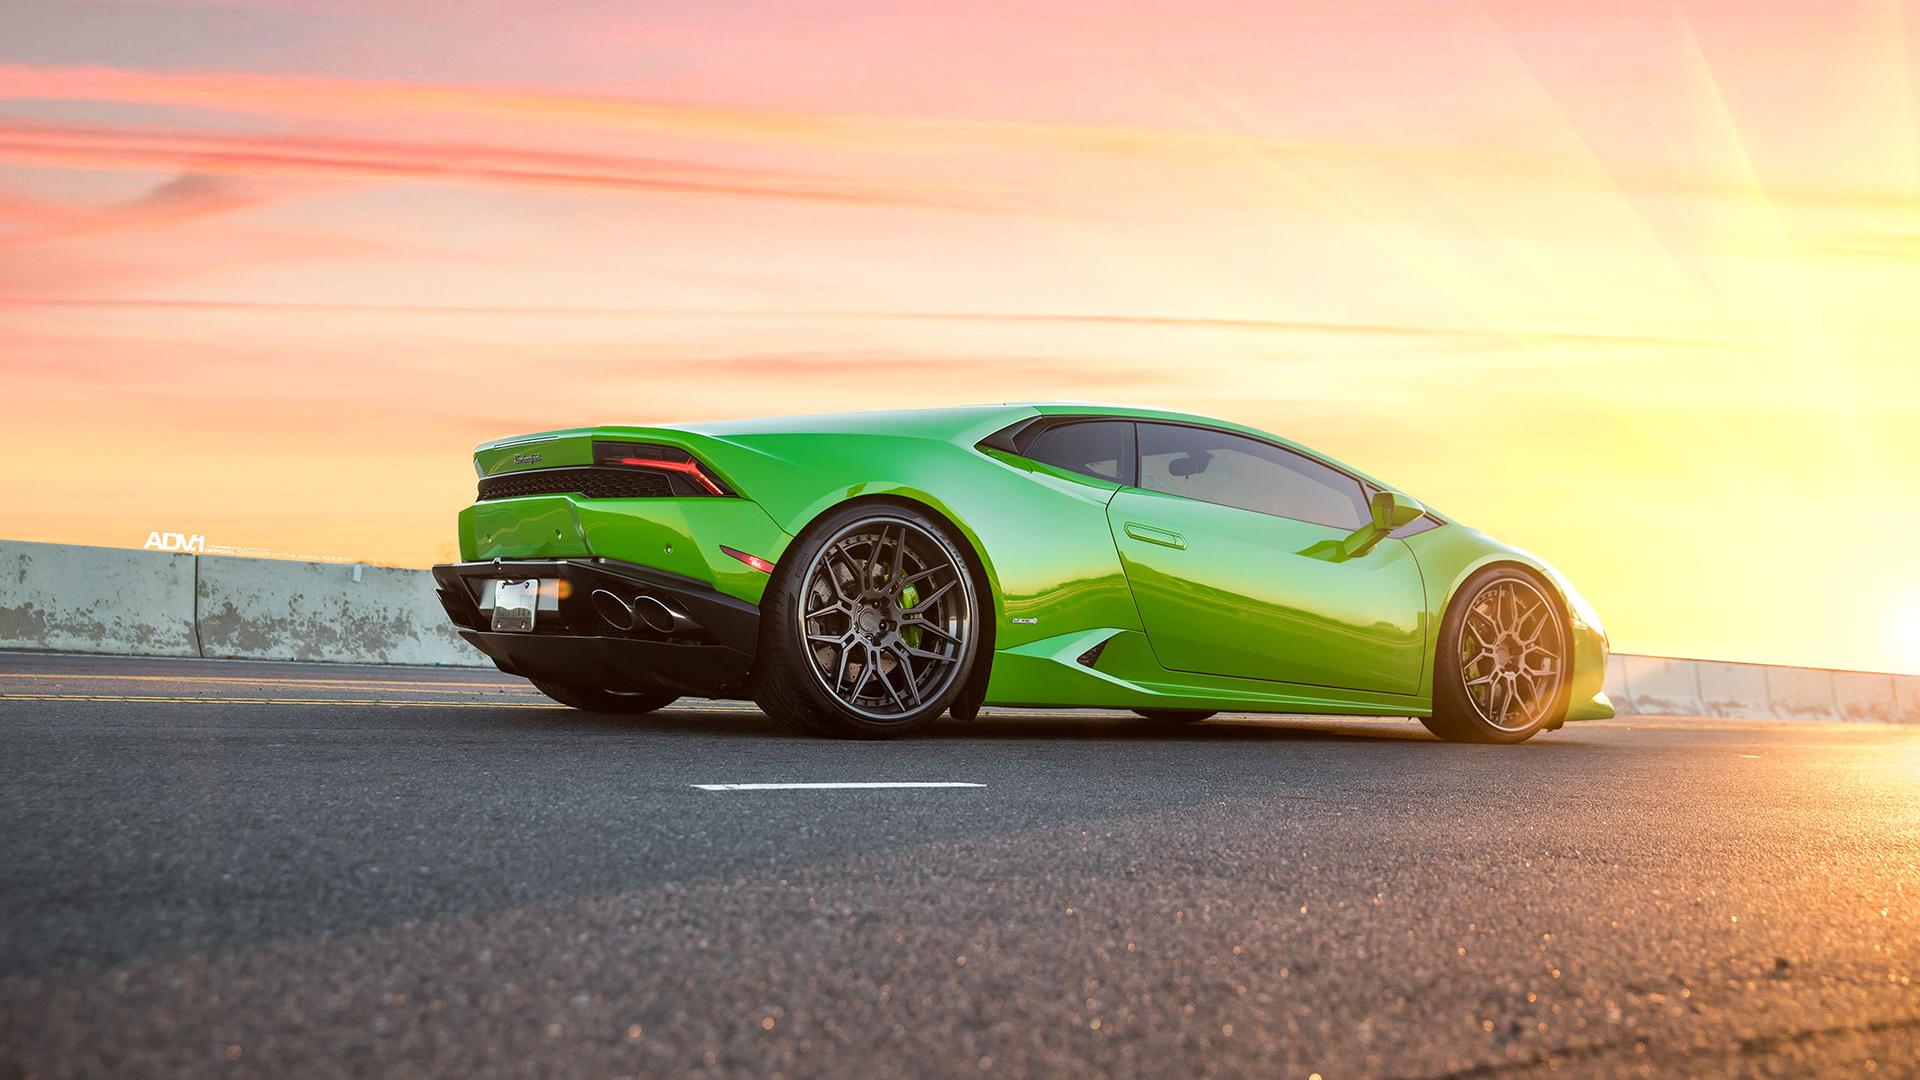 Verde Mantis Green Lamborghini Huracan Lp610 4 2 Wallpaper